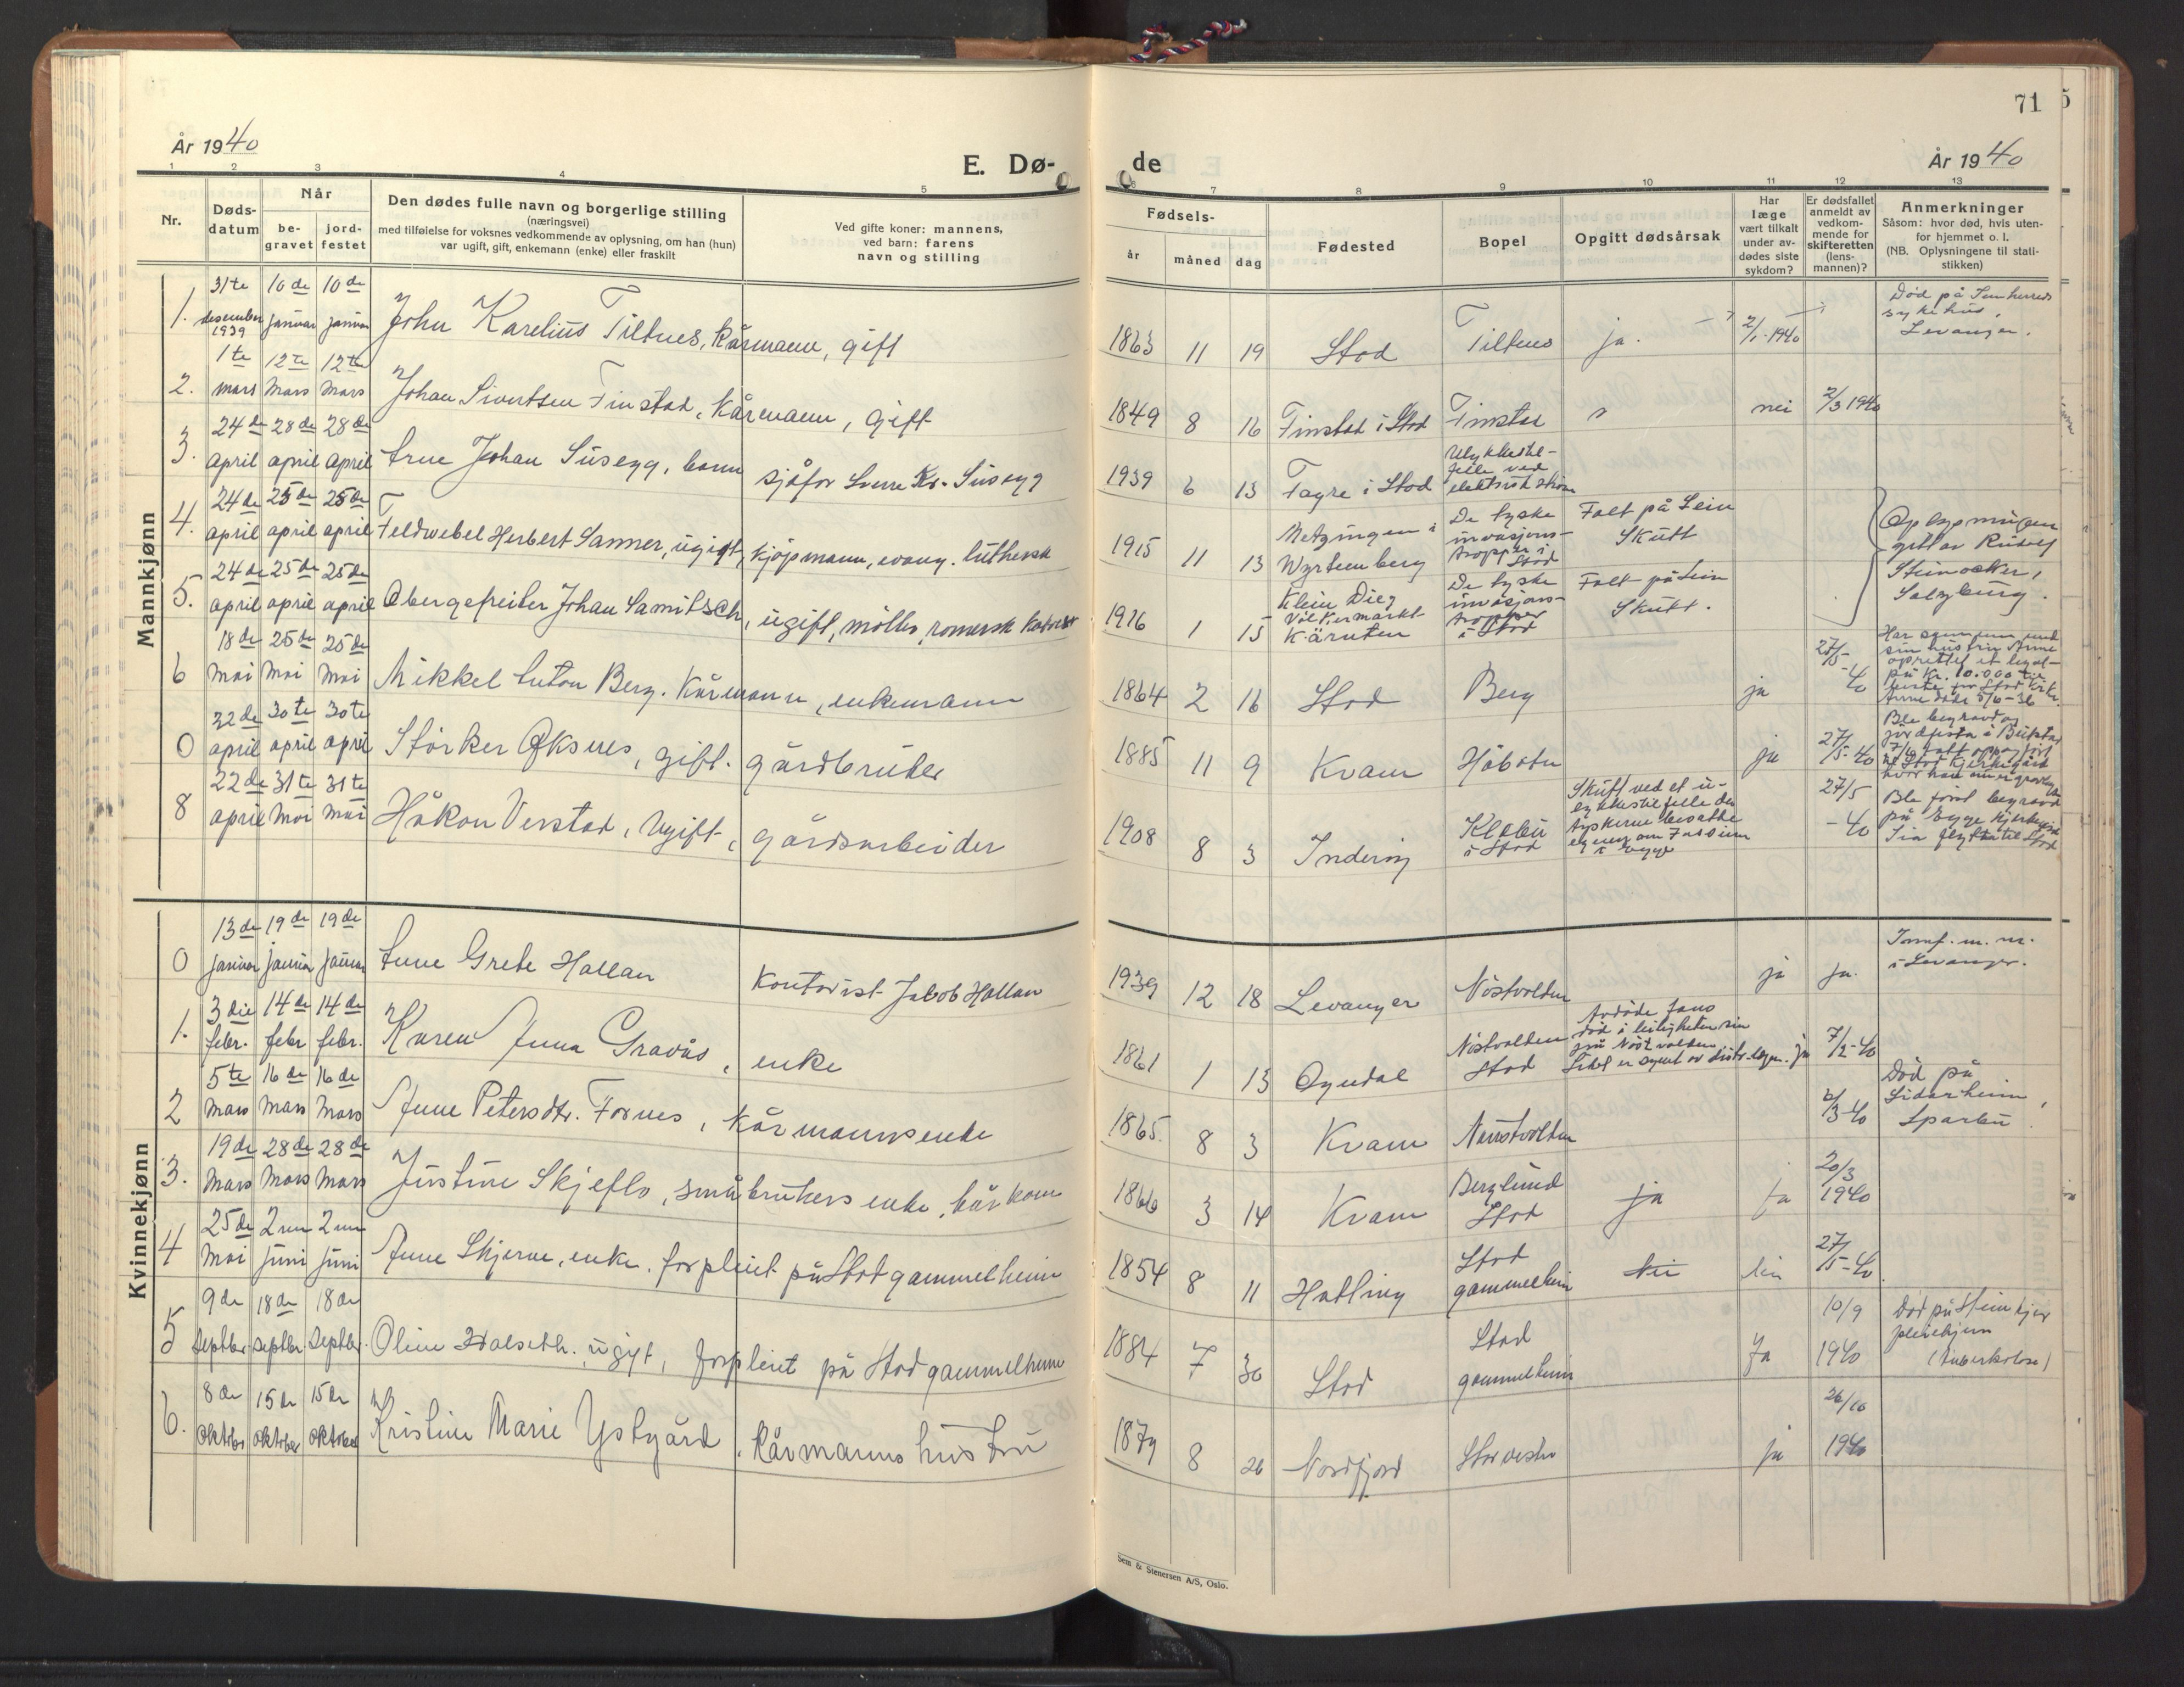 SAT, Ministerialprotokoller, klokkerbøker og fødselsregistre - Nord-Trøndelag, 746/L0456: Klokkerbok nr. 746C02, 1936-1948, s. 71